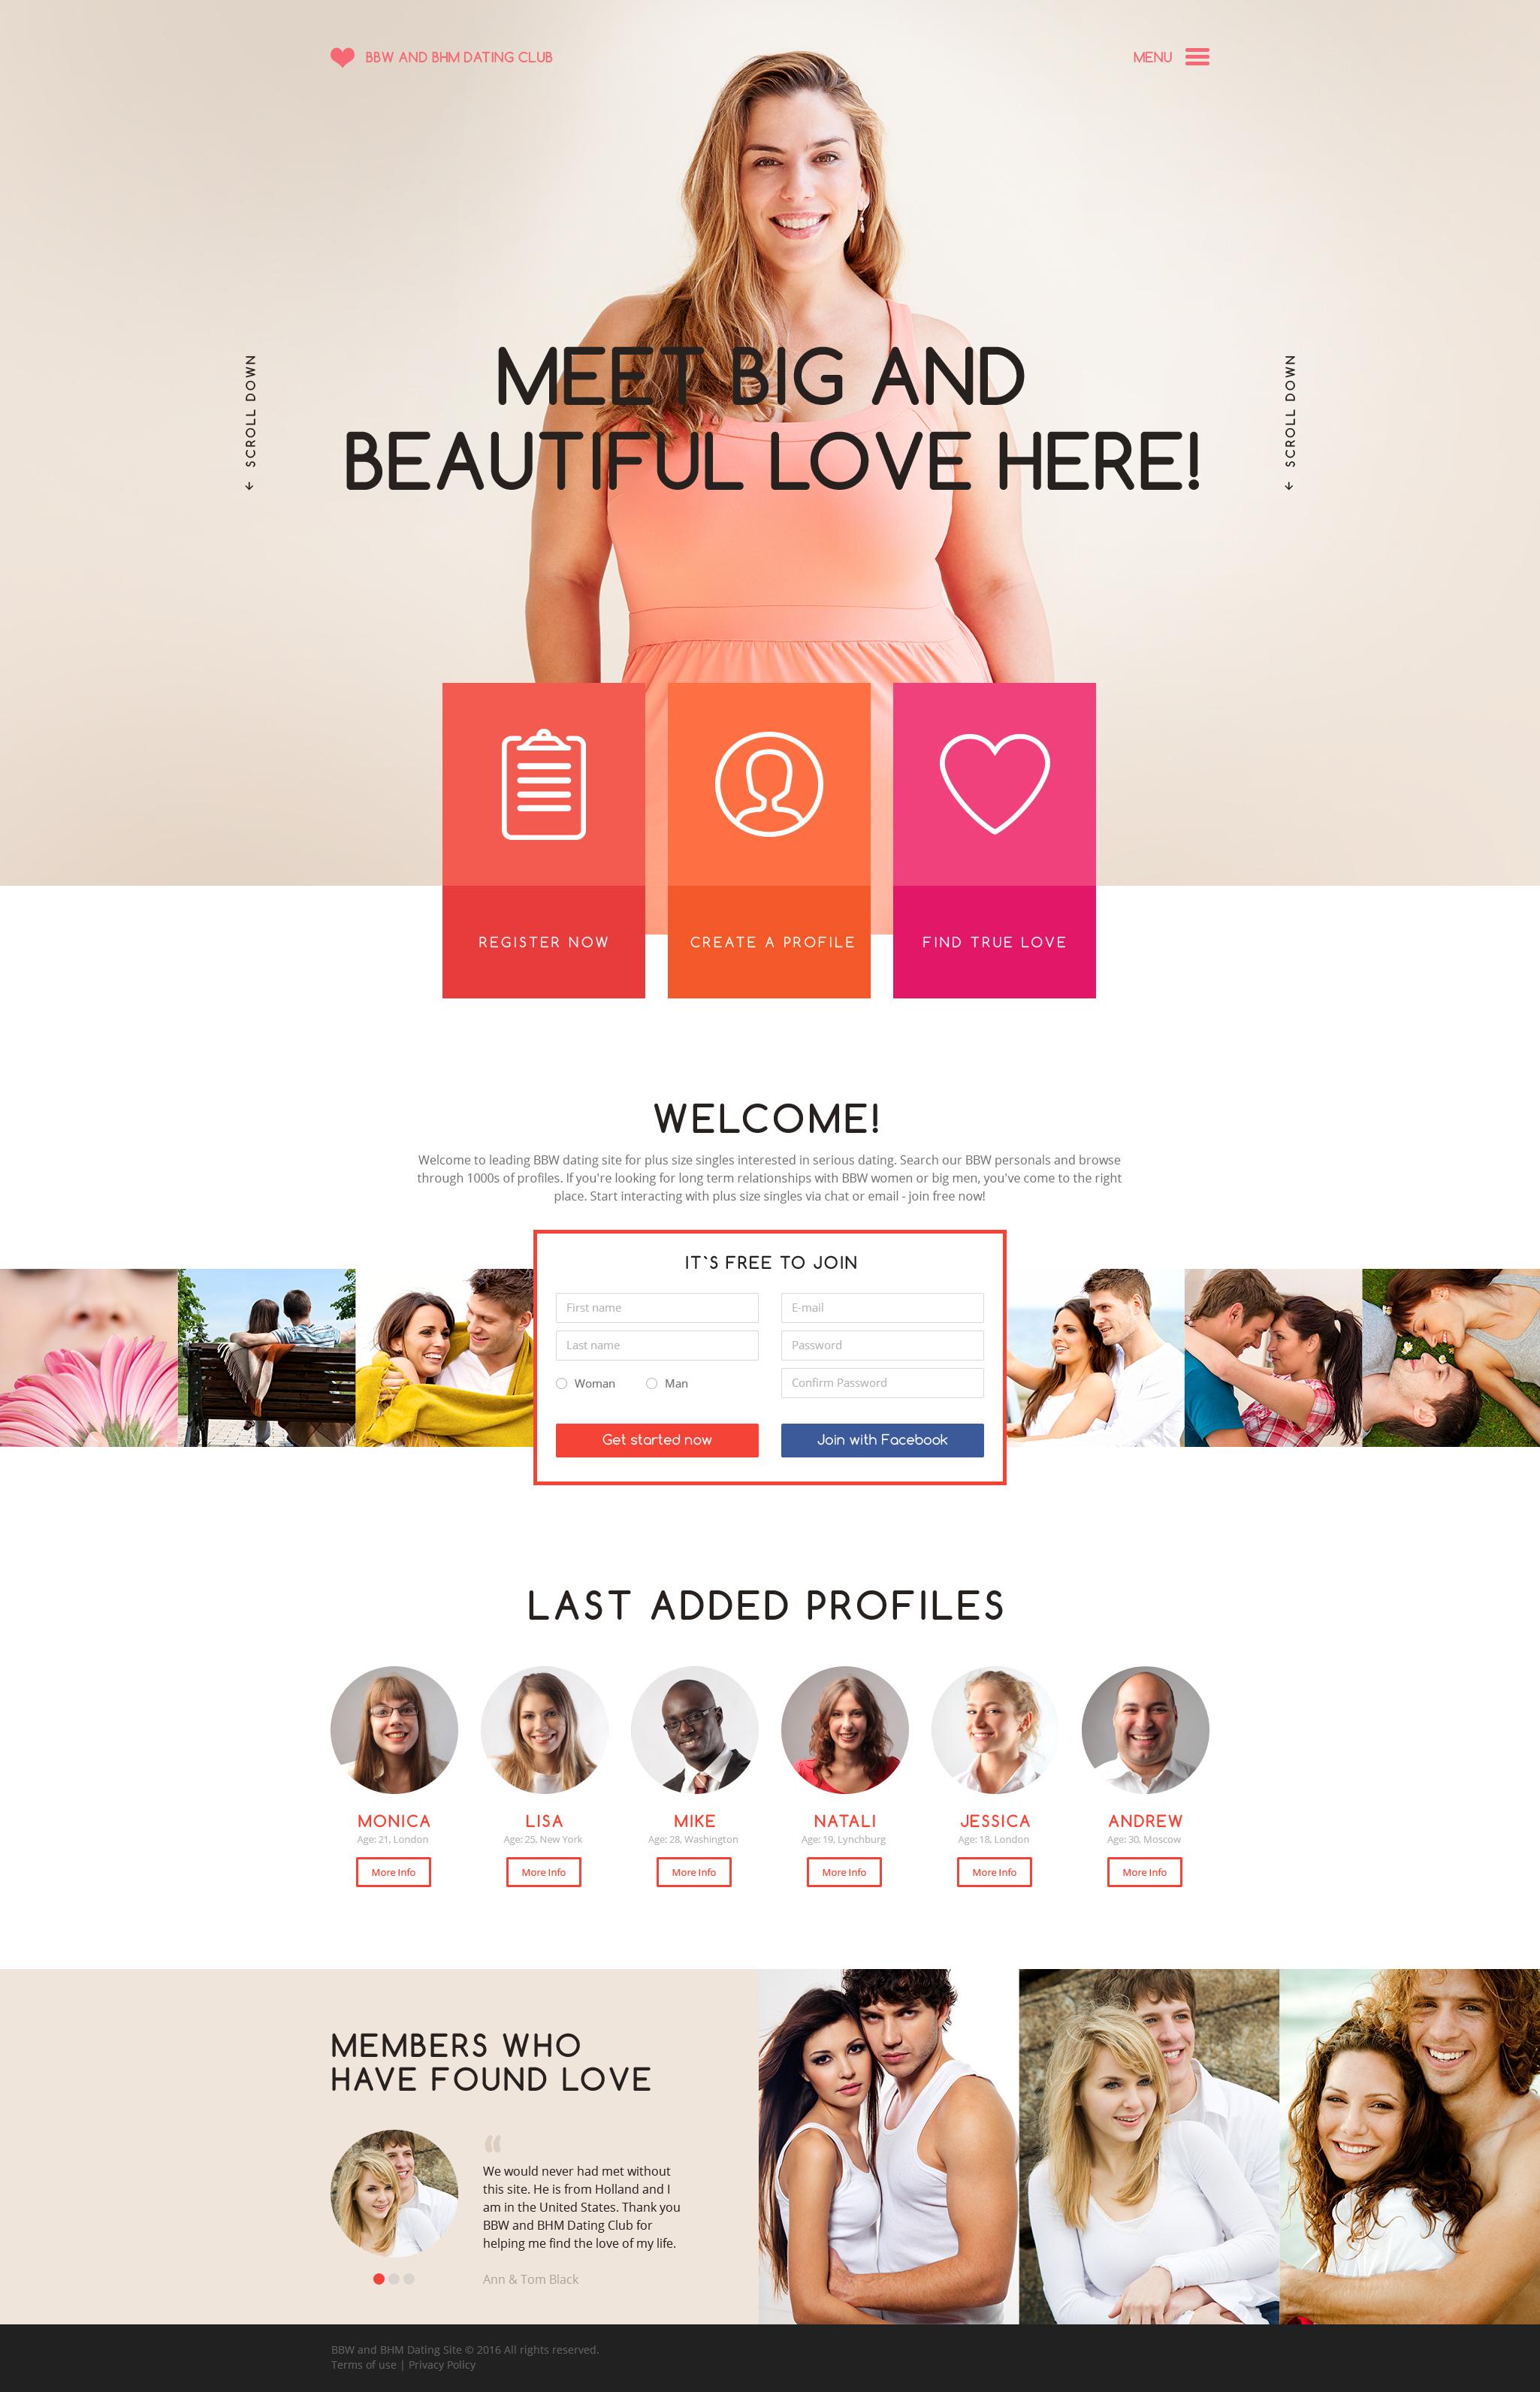 响应式网页模板 #58784 - 截图